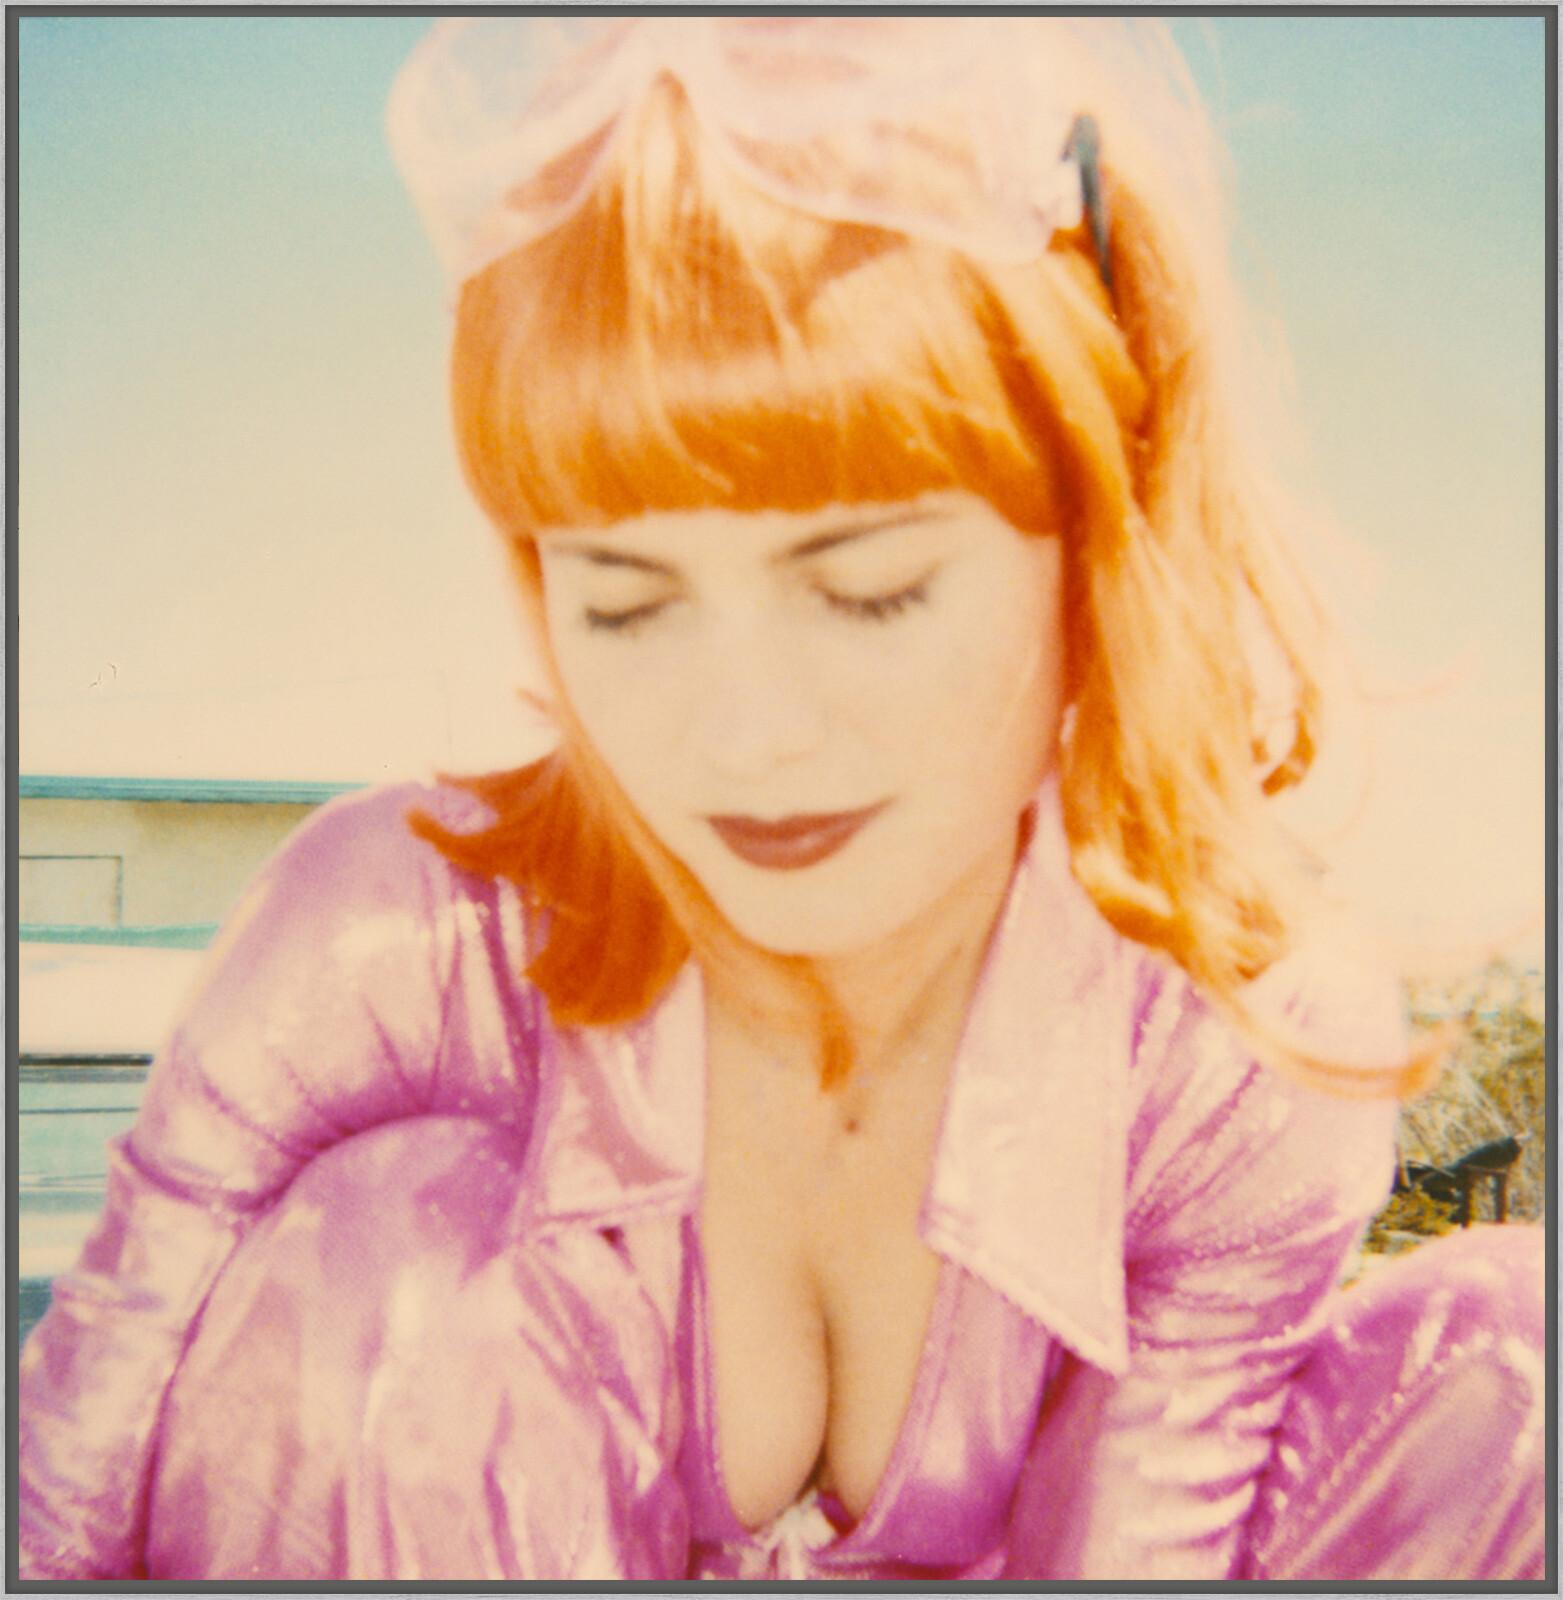 Radha Pink - Stefanie Schneider